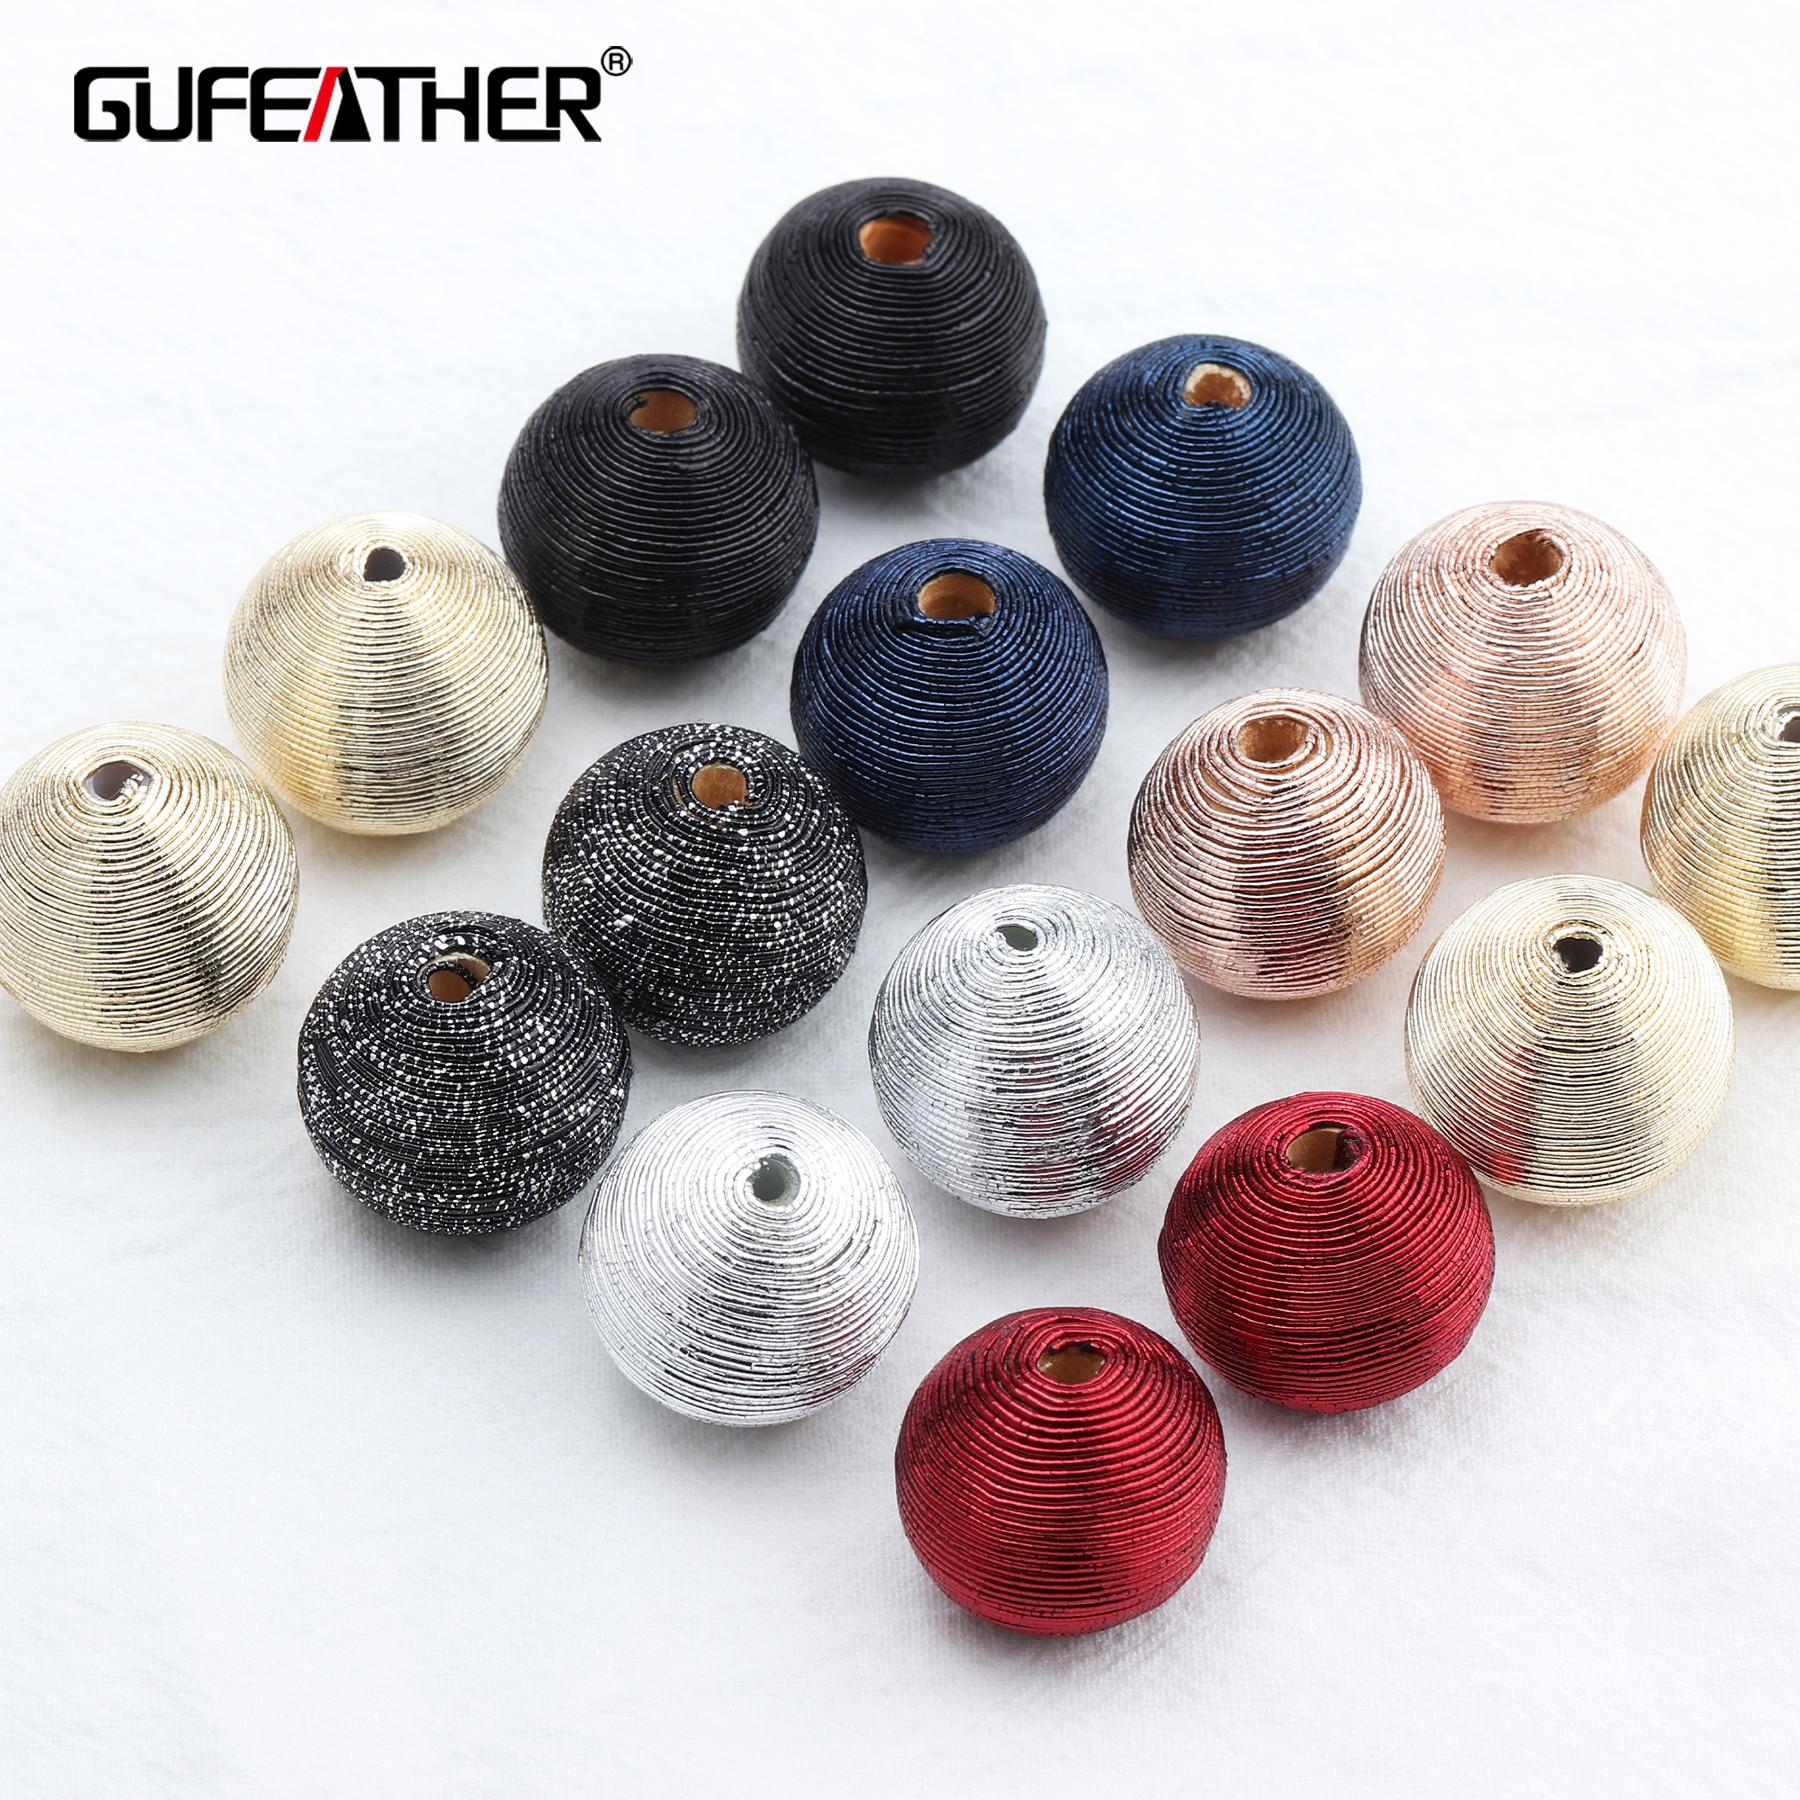 GUFEATHER M535, jóias e acessórios, diy brincos, forma redonda, resultados da jóia, acessórios de diy, feito à mão, fazer jóias, 10 pçs/lote